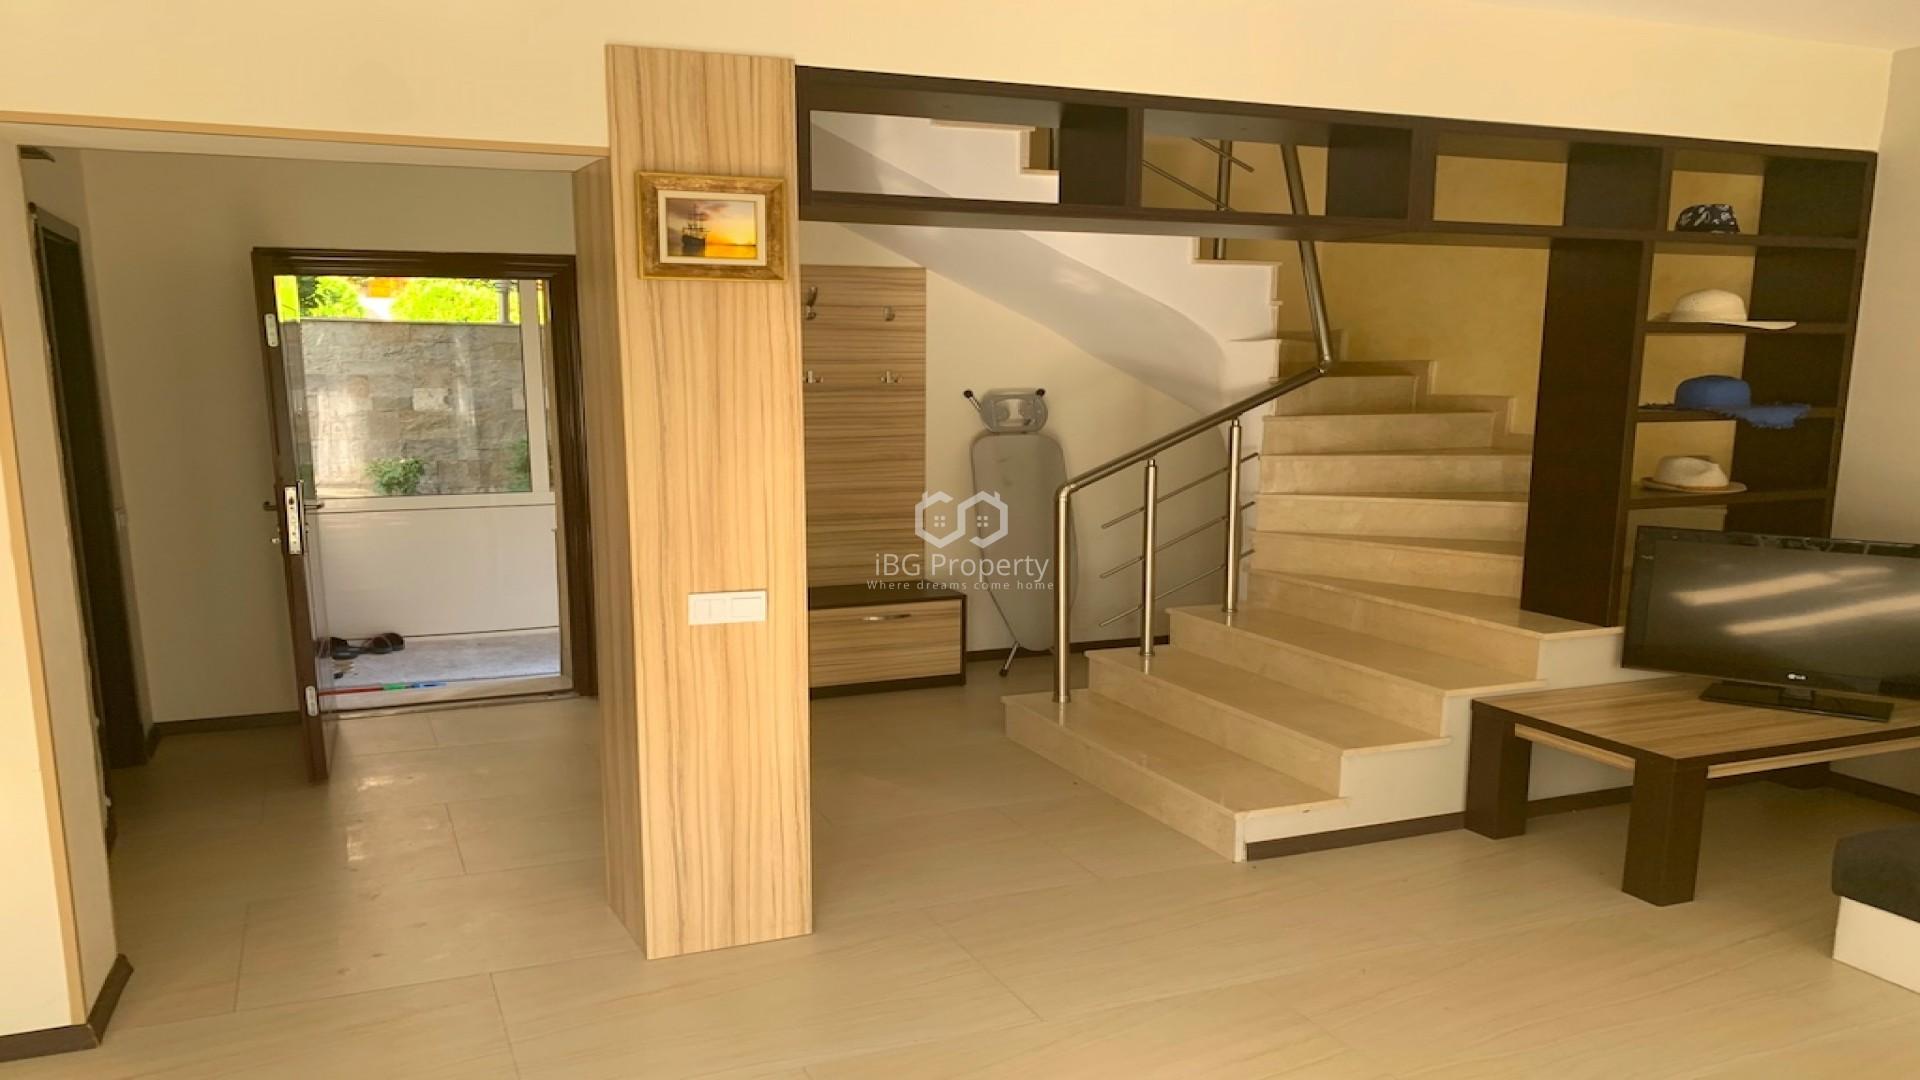 house 110 sq.m.  in Svti Vlas